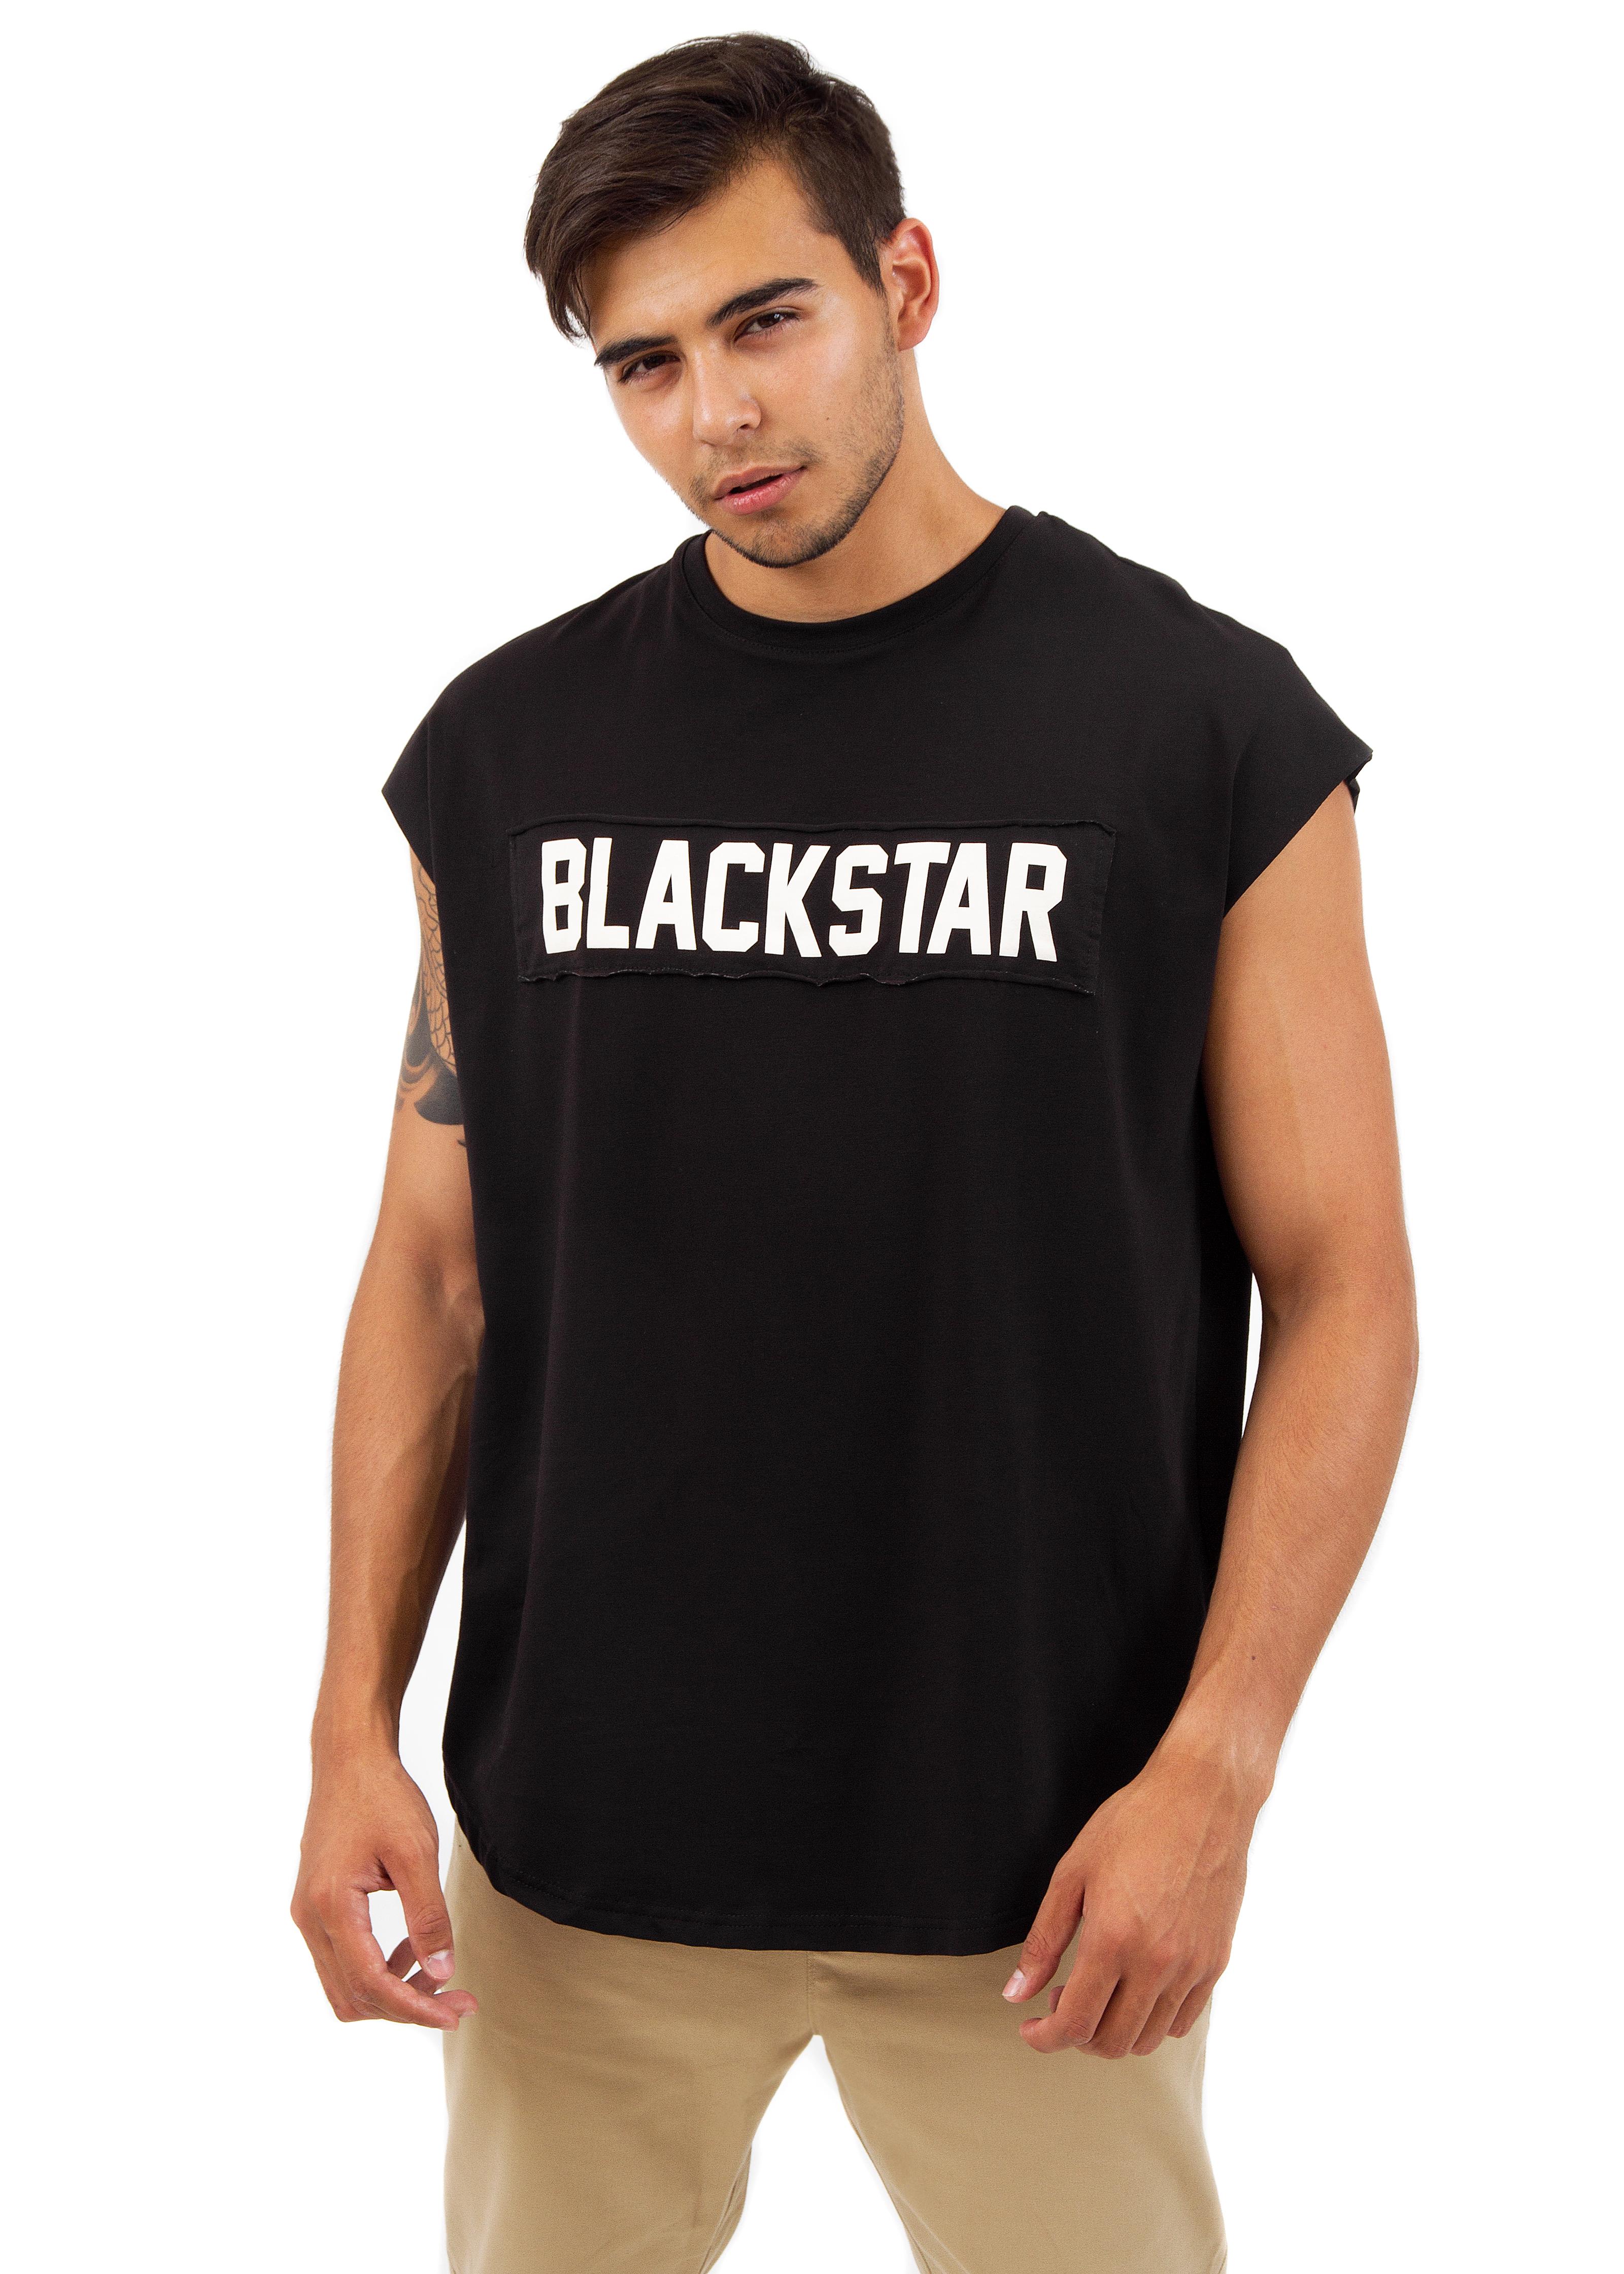 Mens t-shirt BS OriginalT-shirts and Jerseys<br>Мужская футболка из новой коллекции Black Star Wear. Модель удлинённого свободного кроя без рукавов. На груди и спине нашивки с необработанным краем, на которые нанесён принт, стилизованный под нанесение краски баллончиком через трафарет. Базовая вещь в стиле милитари, выполненная из высококачественного хлопкового полотна с необшитым округлым низом, доступна в хаки и чёрном цвете.<br><br>size: XS<br>color: Black<br>gender: male